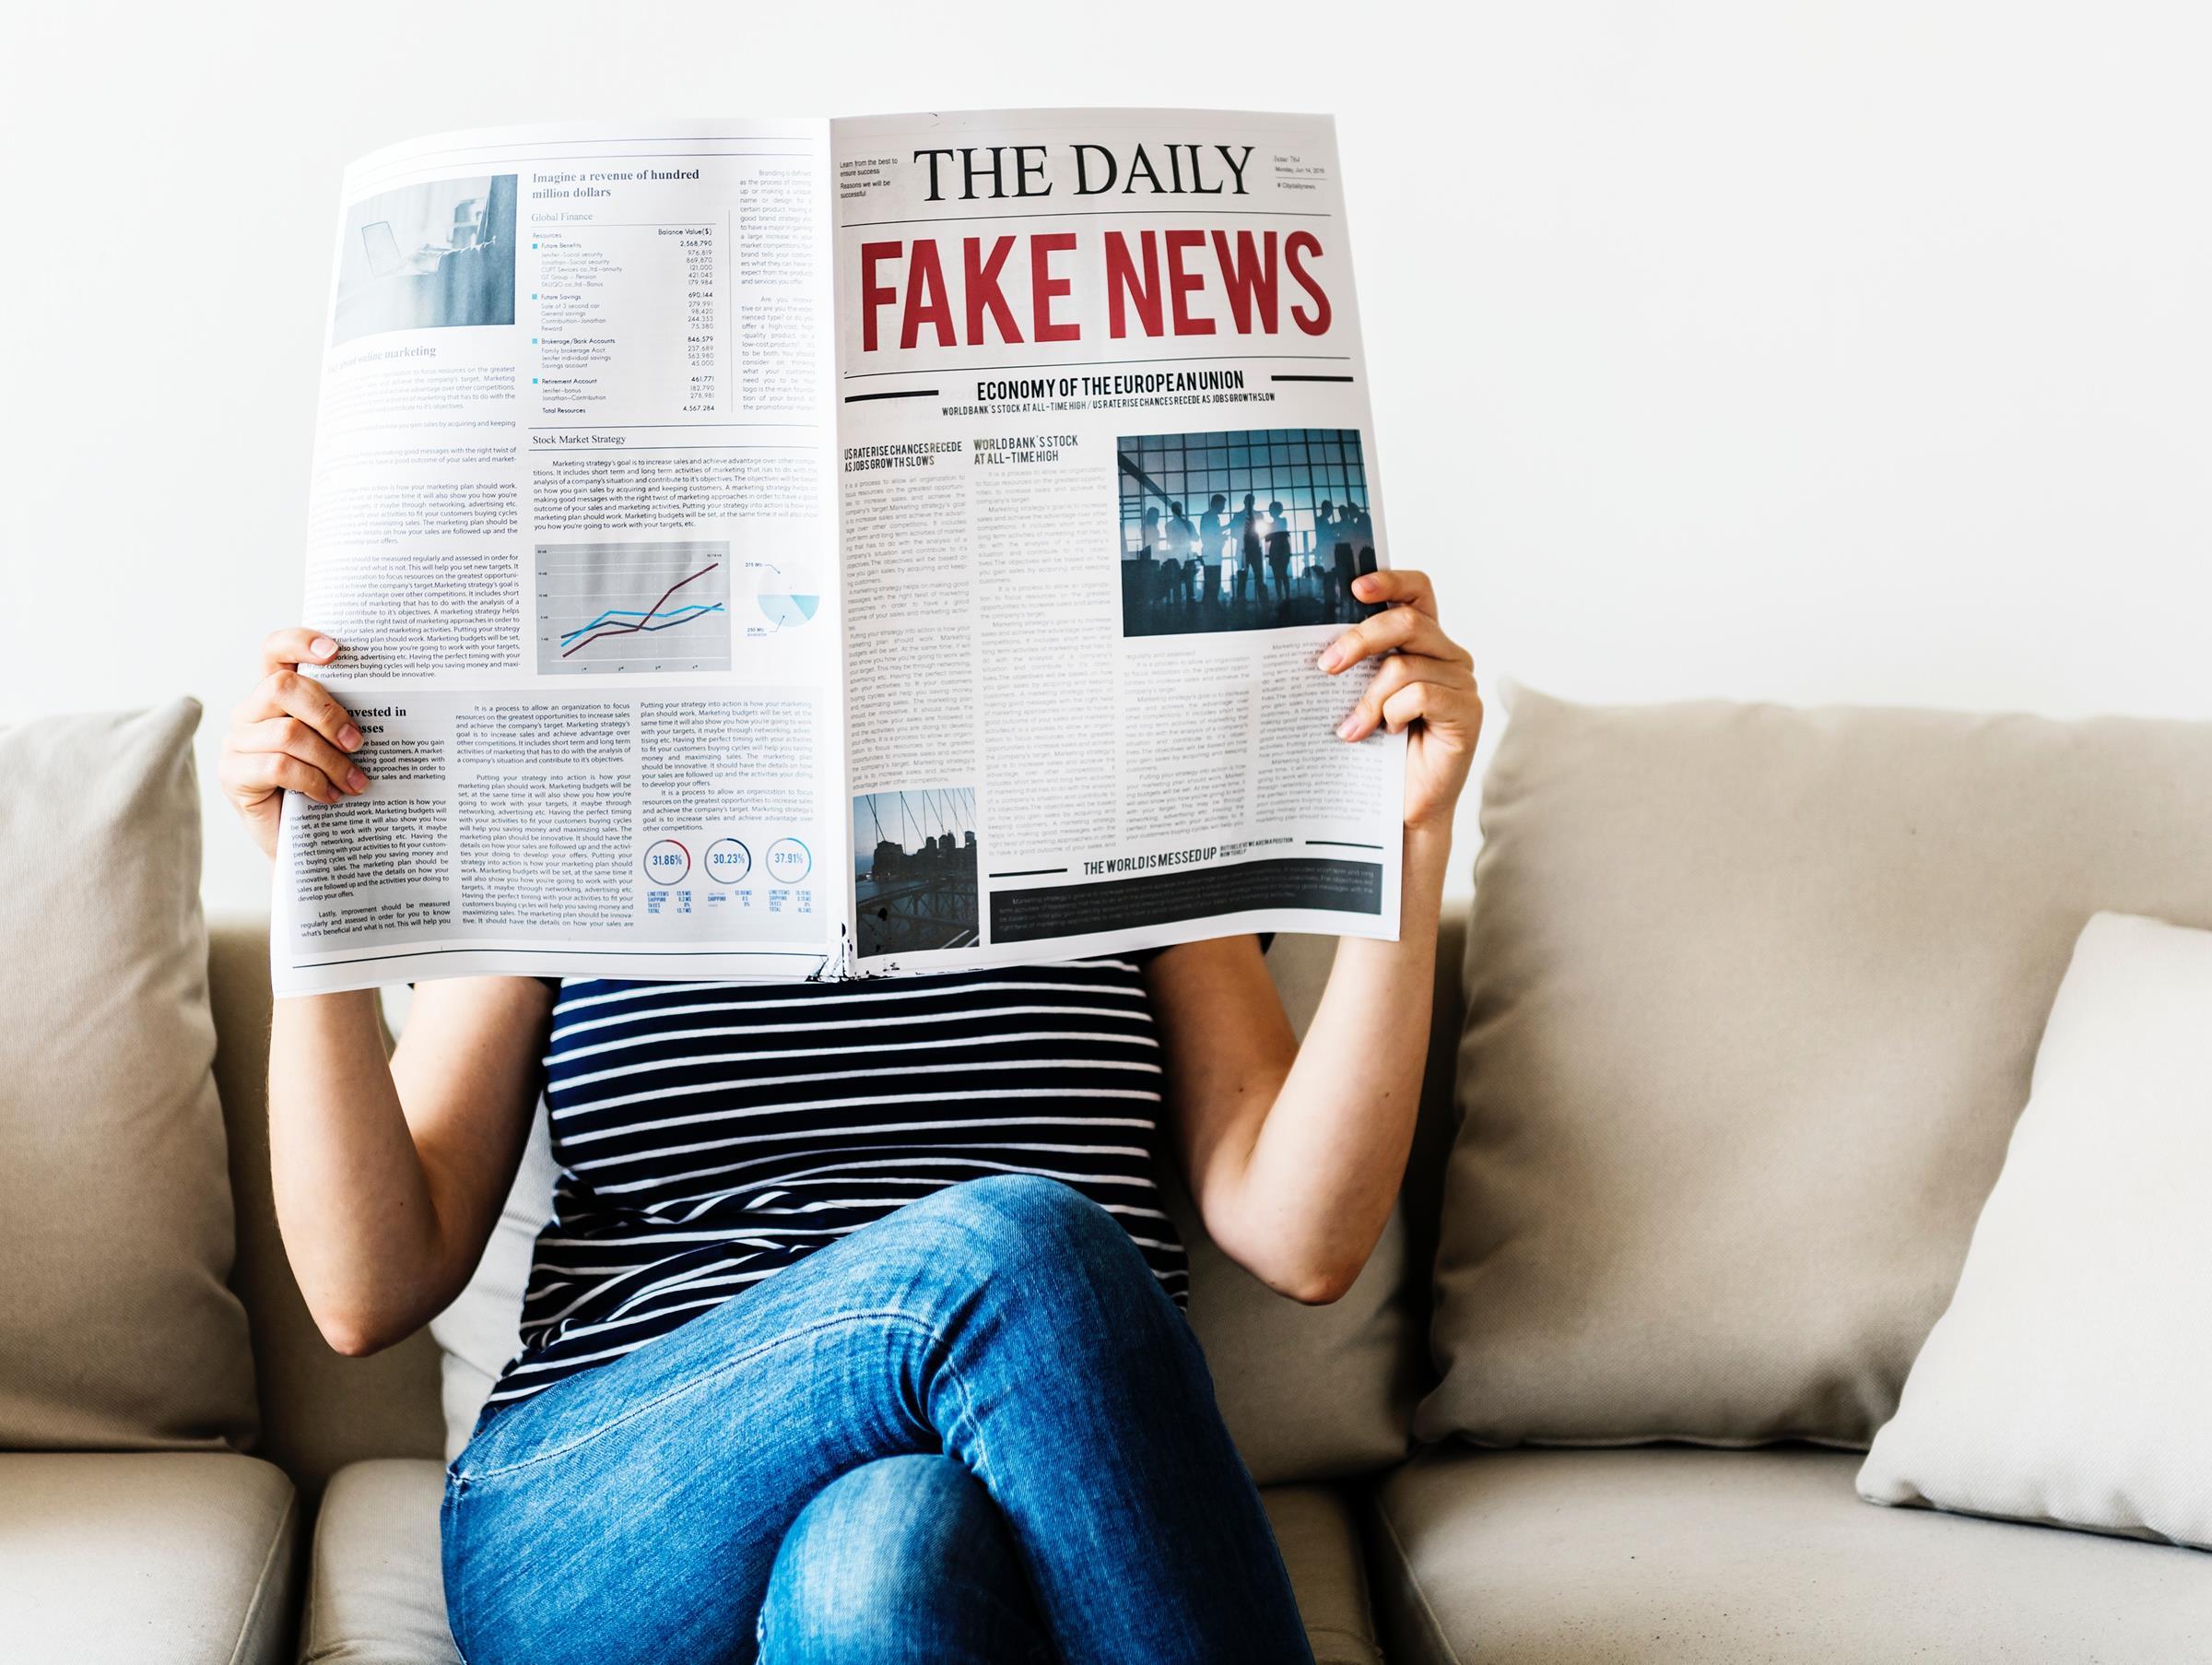 03 Coisas que Todo Assessor de Imprensa e Relações Públicas precisa saber sobre Fake News